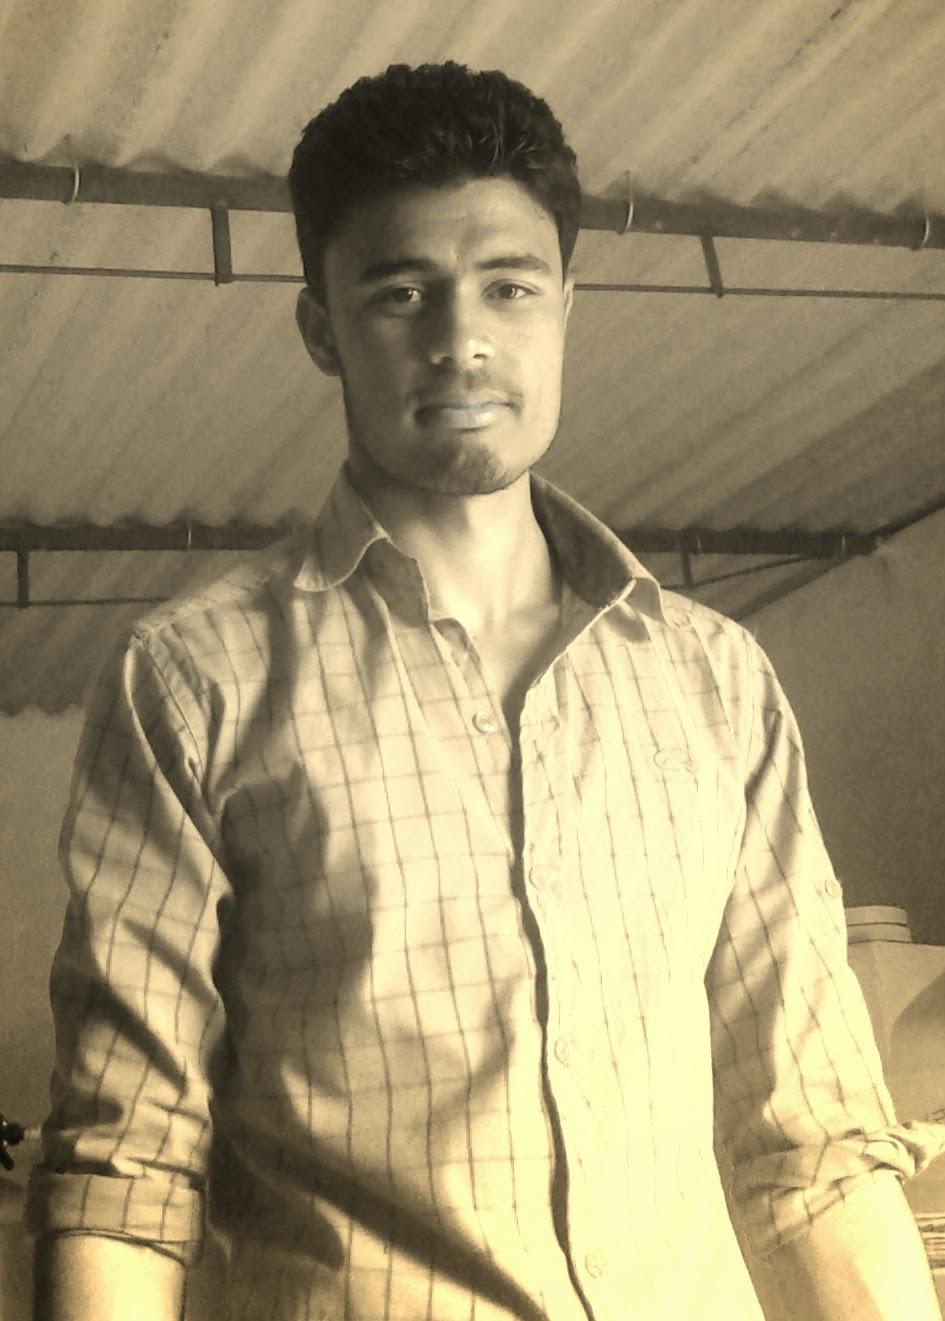 BY संग्राम सिंह राठौड